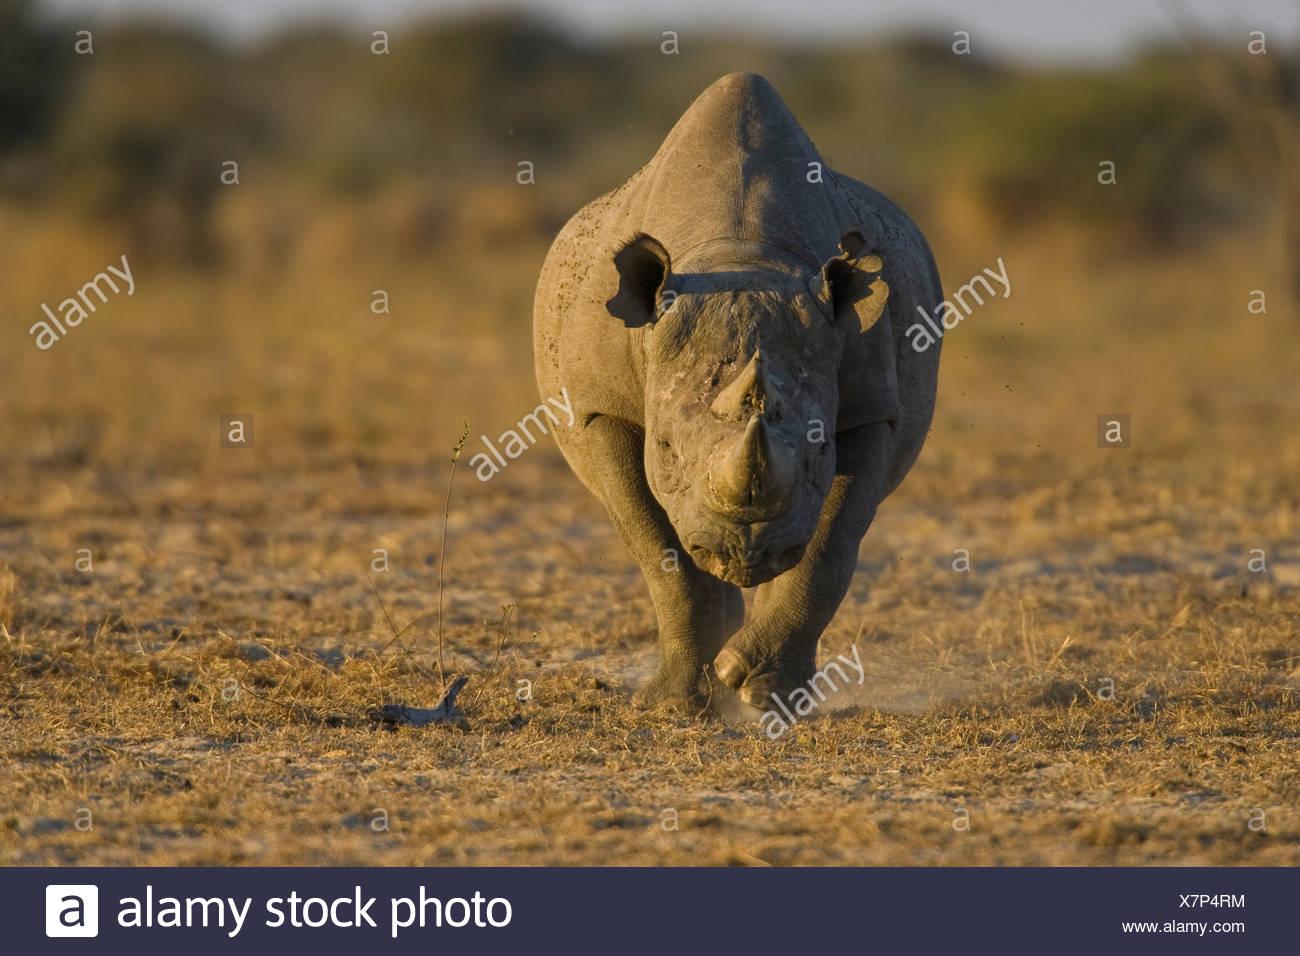 Les rhinocéros noirs, Etosha National Park, Namibie. Photo Stock